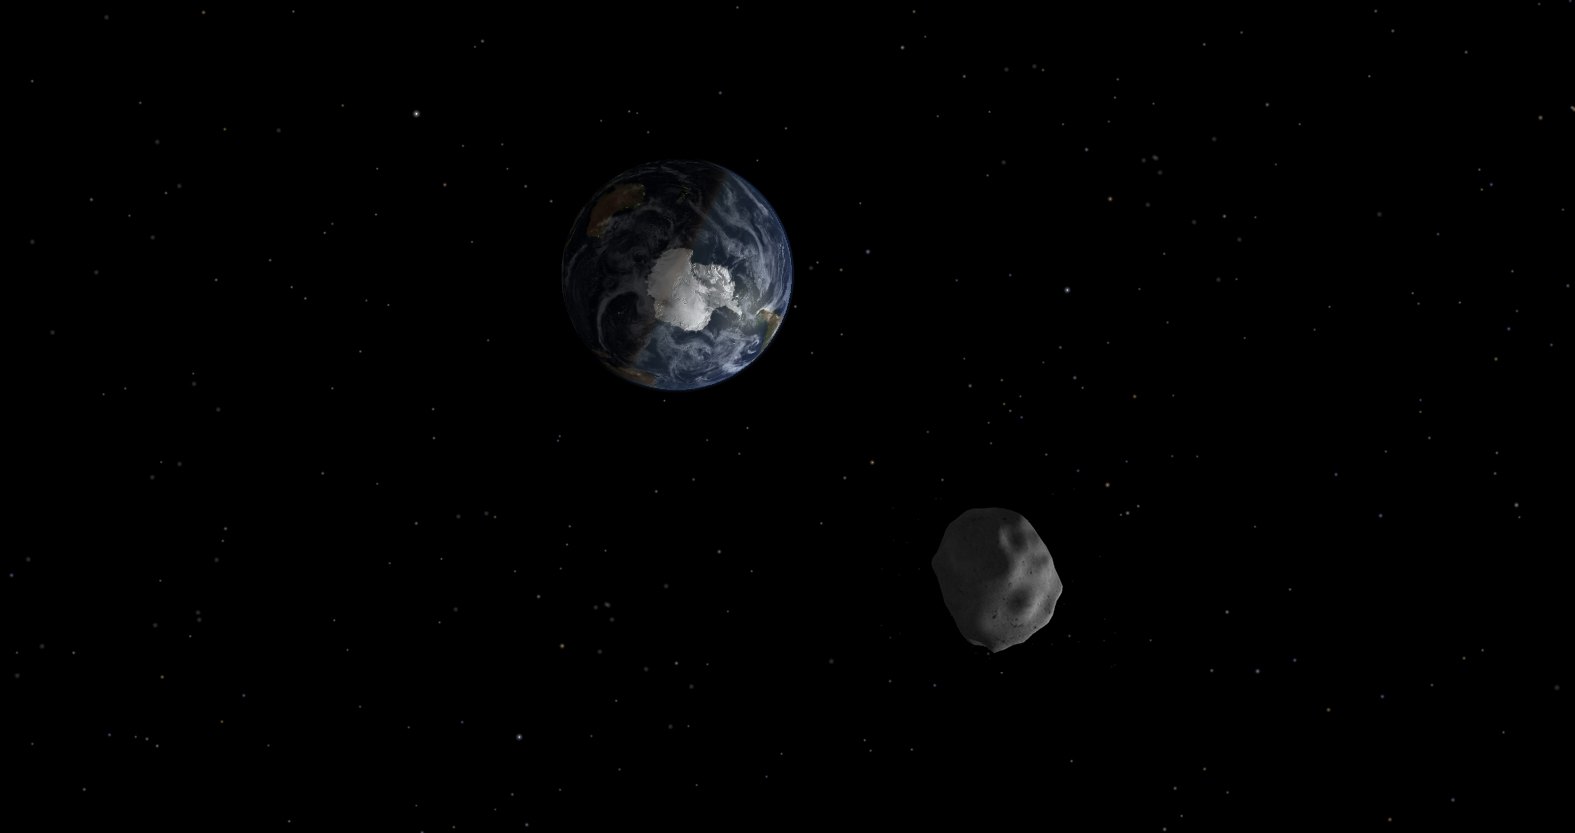 2015 TC25 asteroid